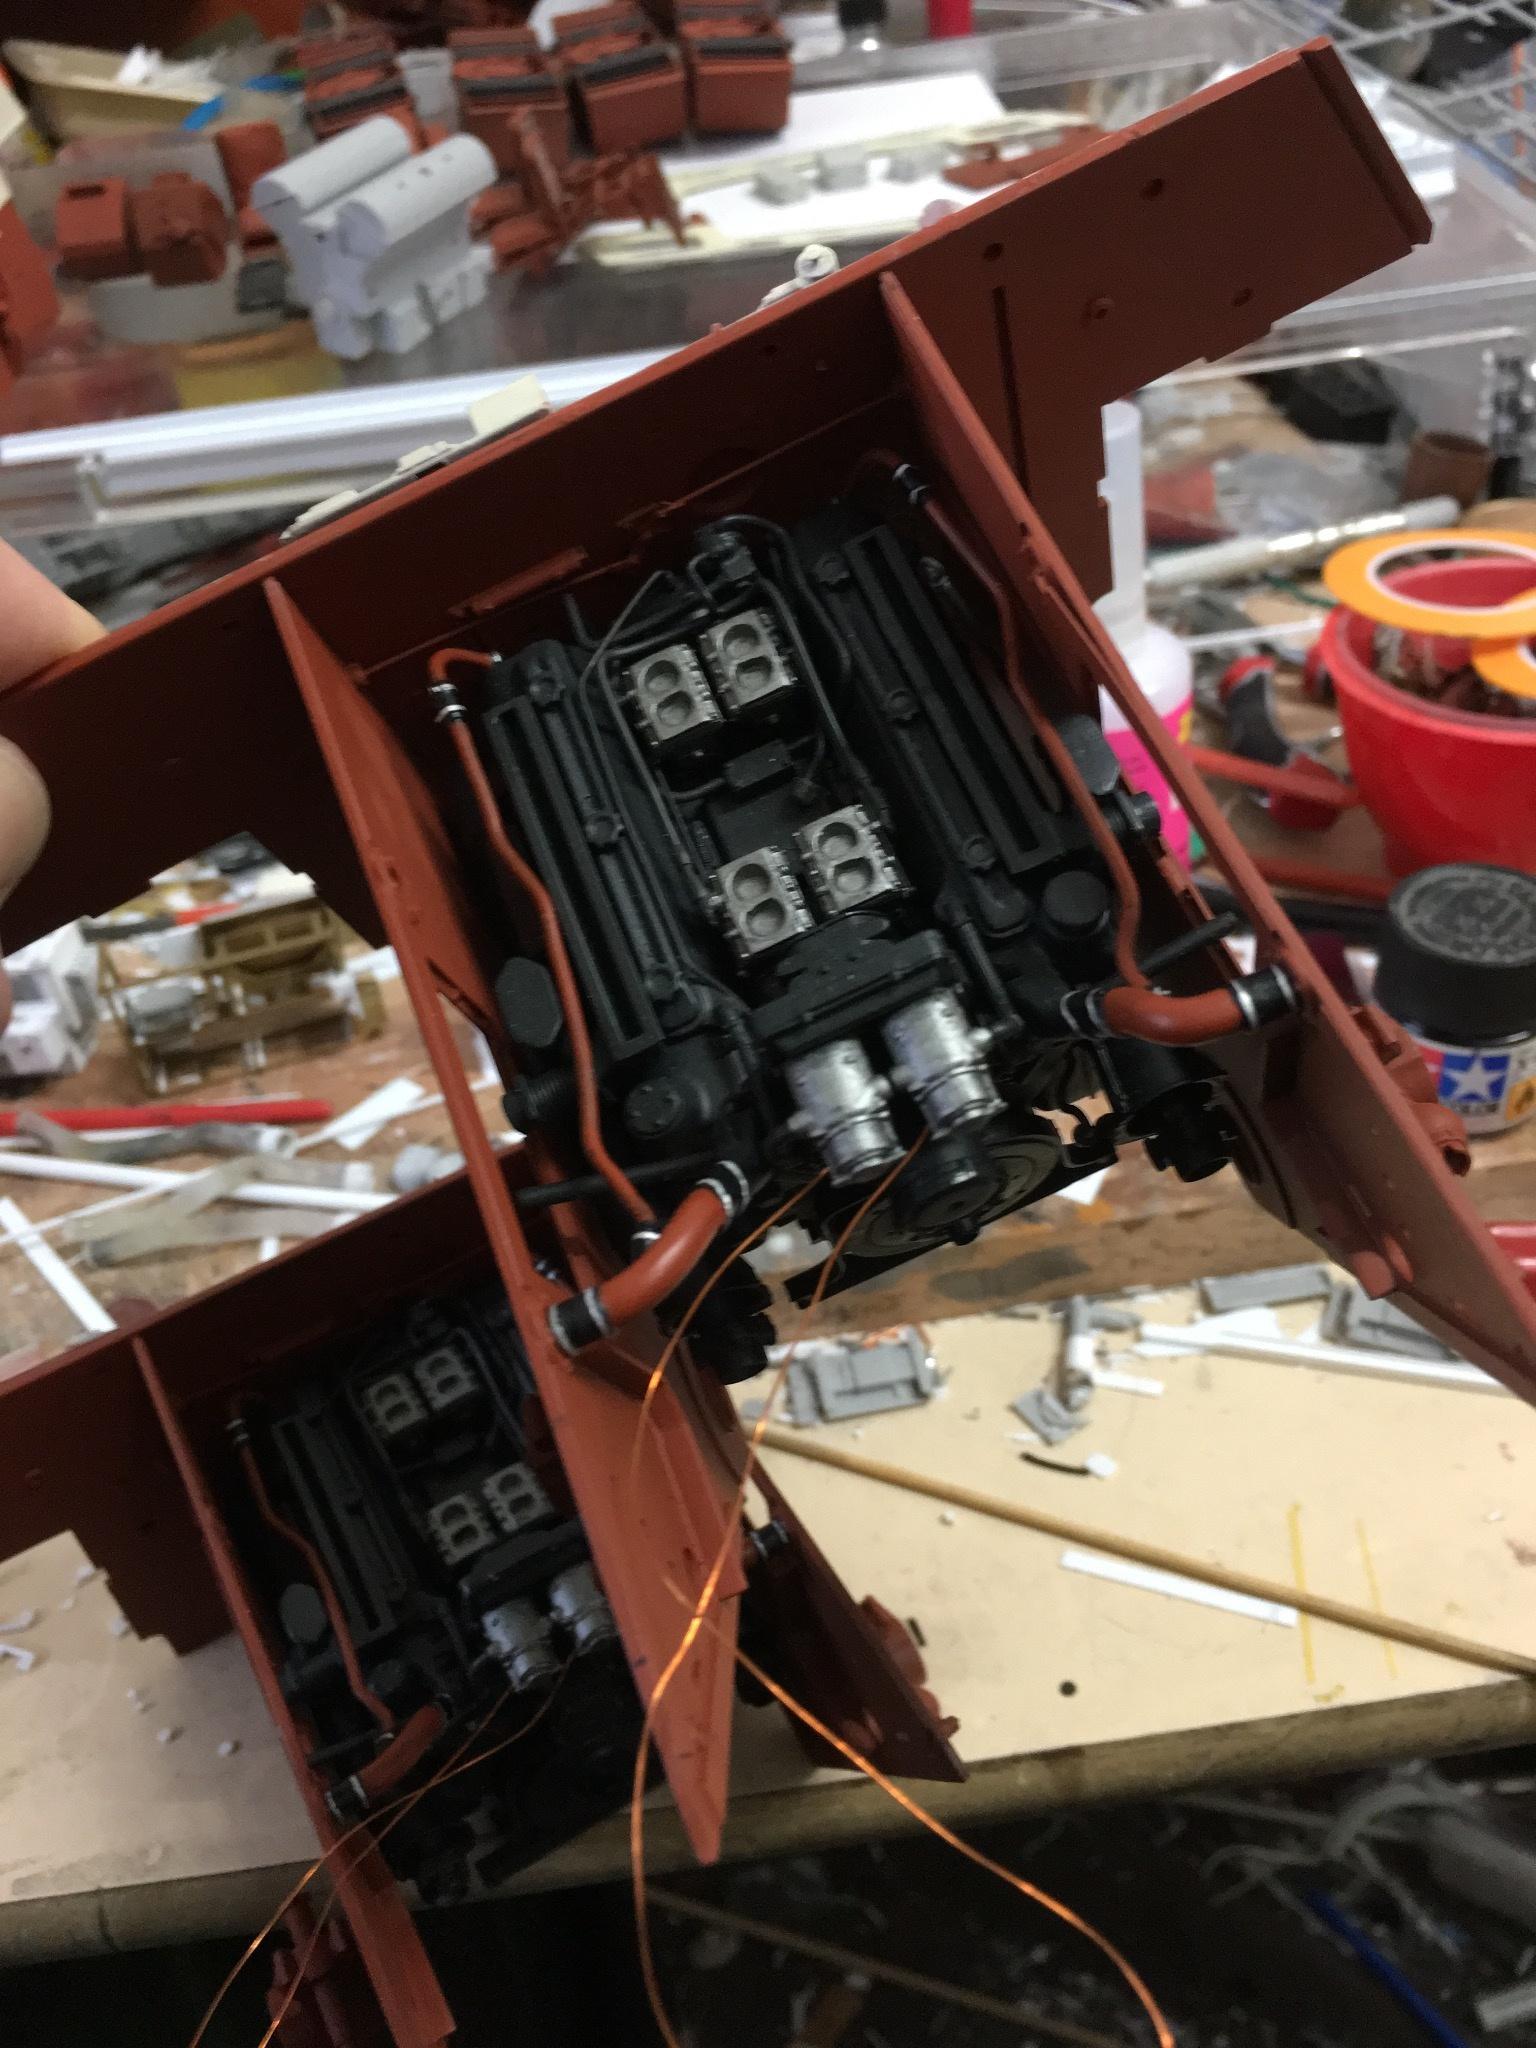 A7B3DC5A-997A-4D66-BE7A-FE6B20D1D584.jpeg